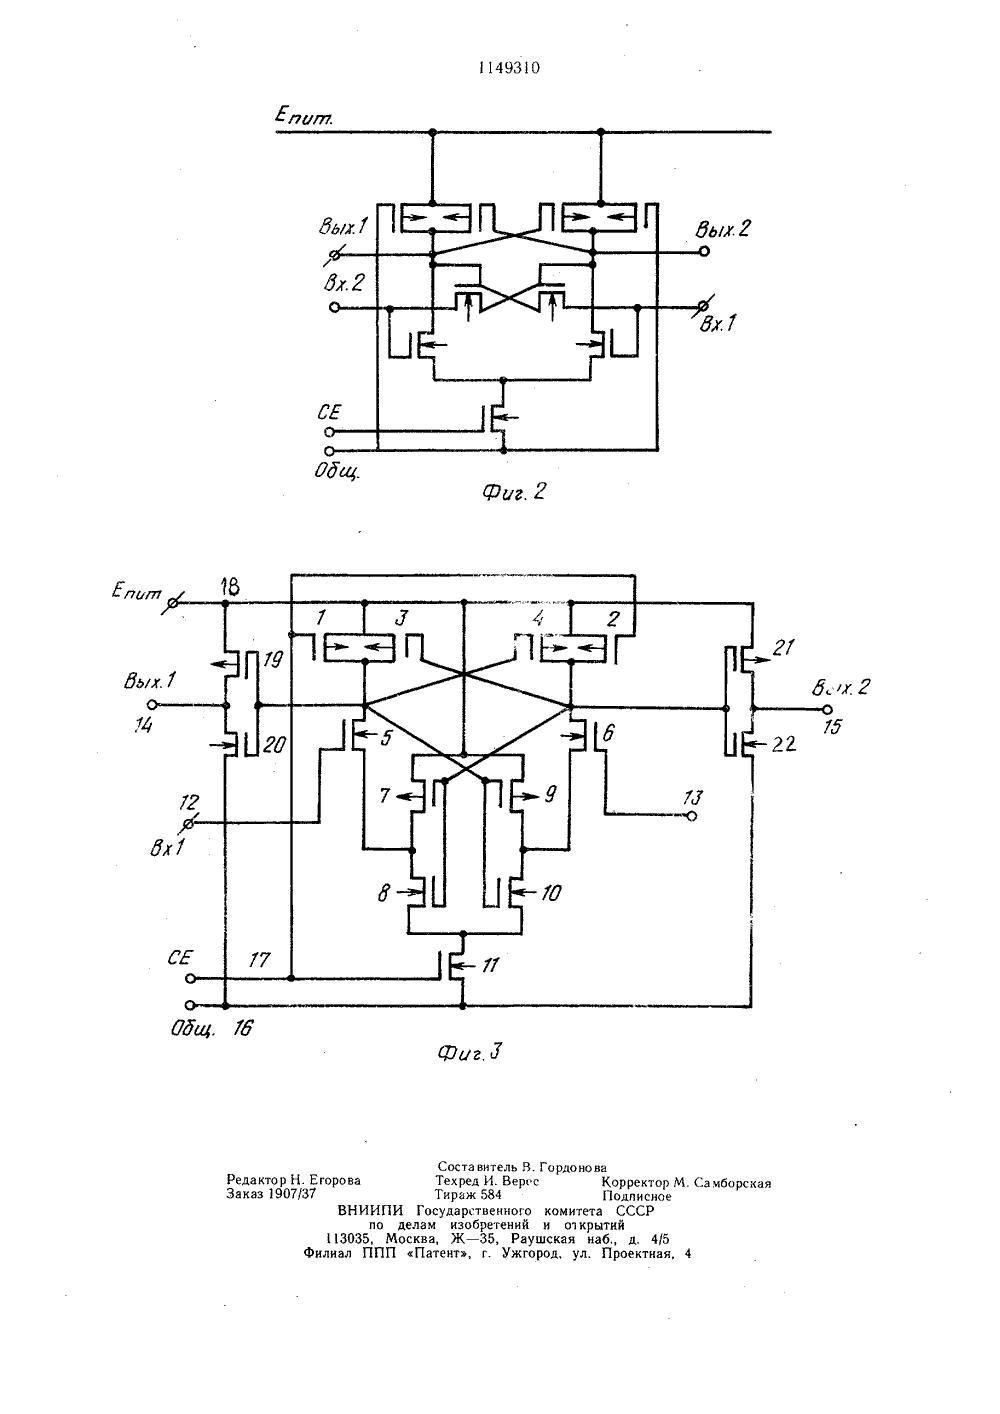 принципиальная схема инвертора на кмоп транзисторах